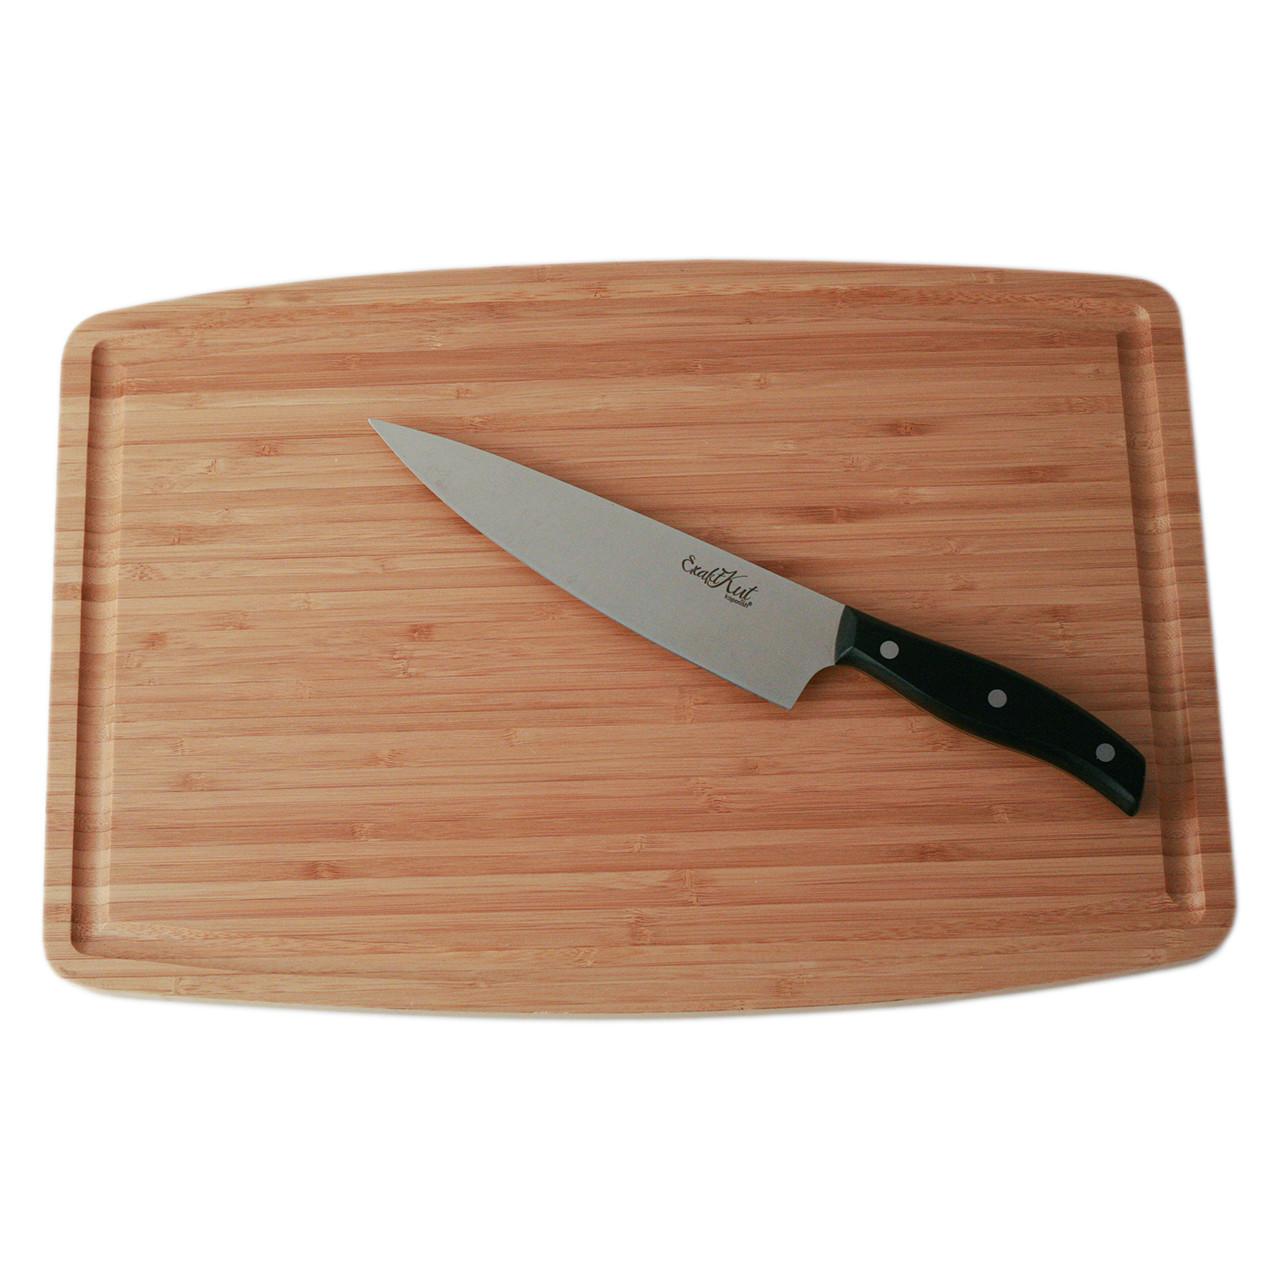 Bamboo Cutting Board - Large - Kapoosh